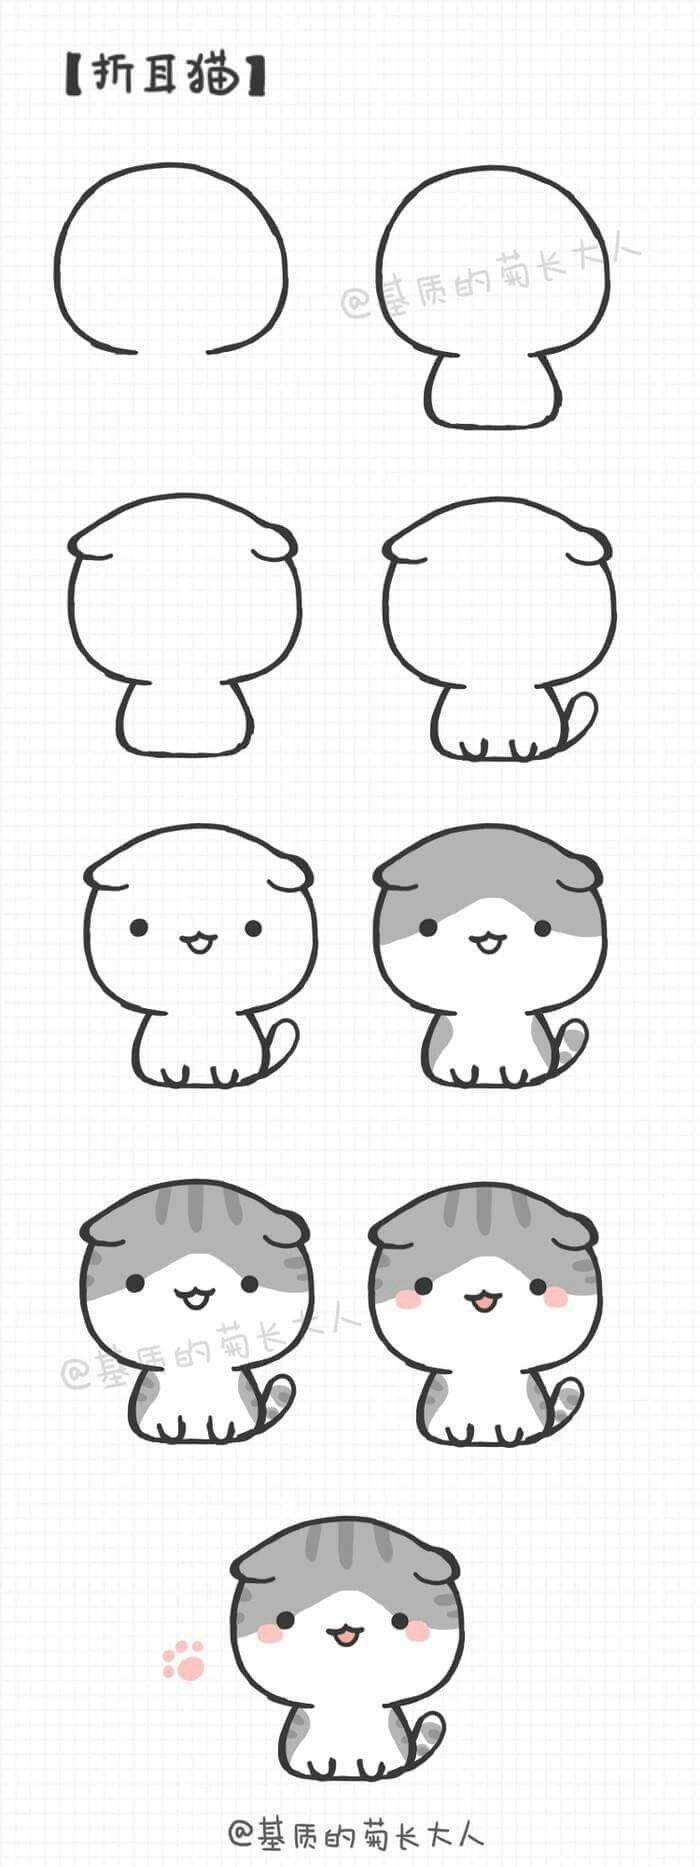 Dessin Chat Kawaï Mini Dessins Drawings Cute Drawings